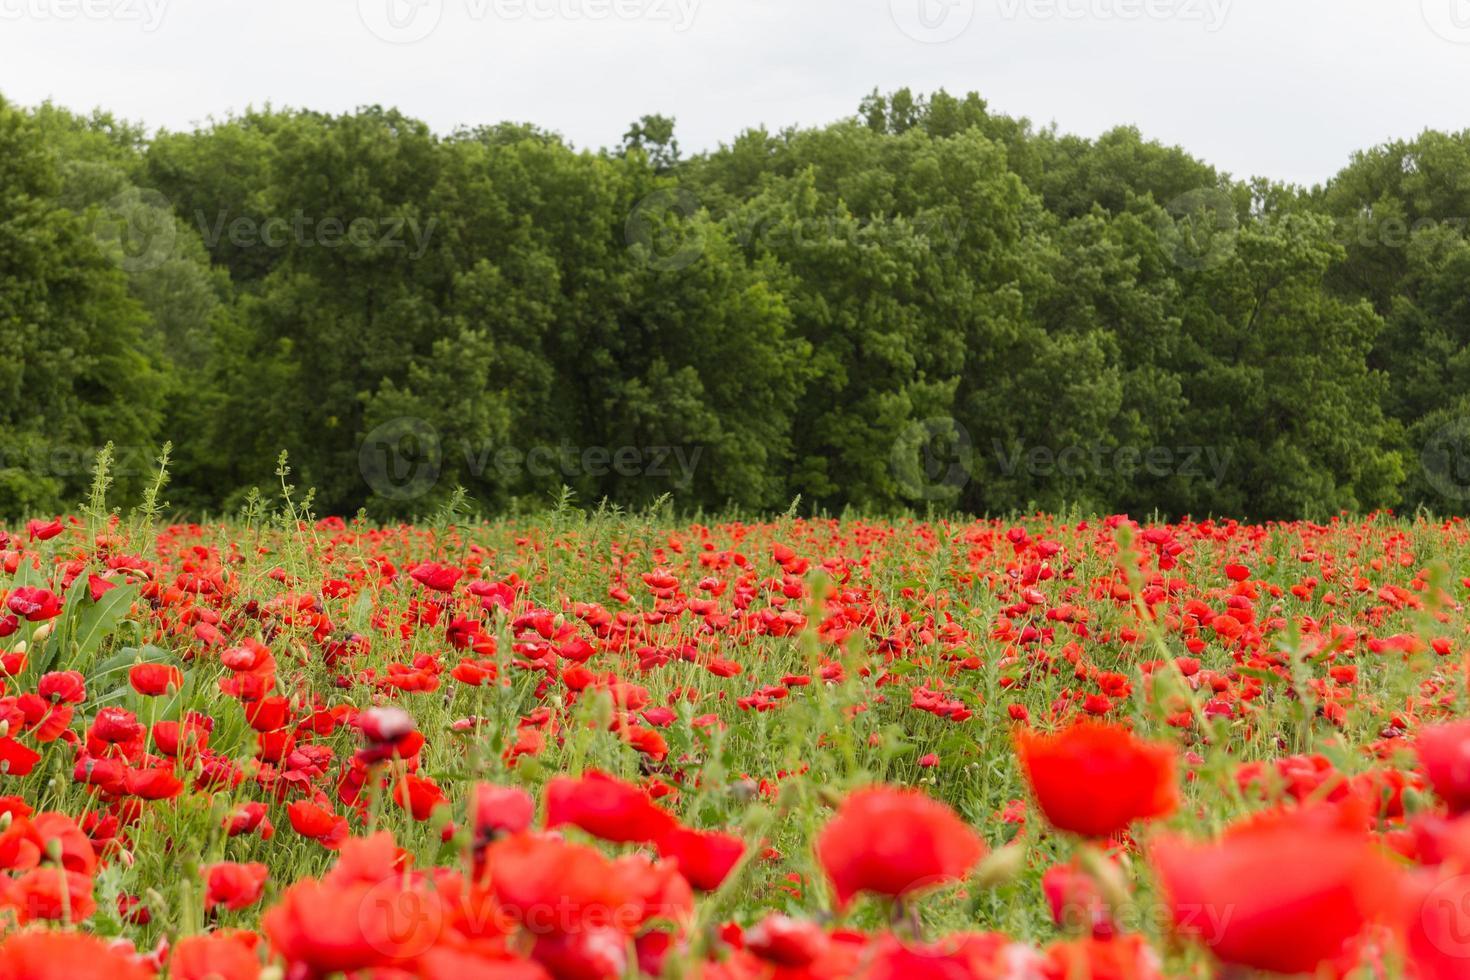 fond d'écran paysage de champ de fleurs rouges photo